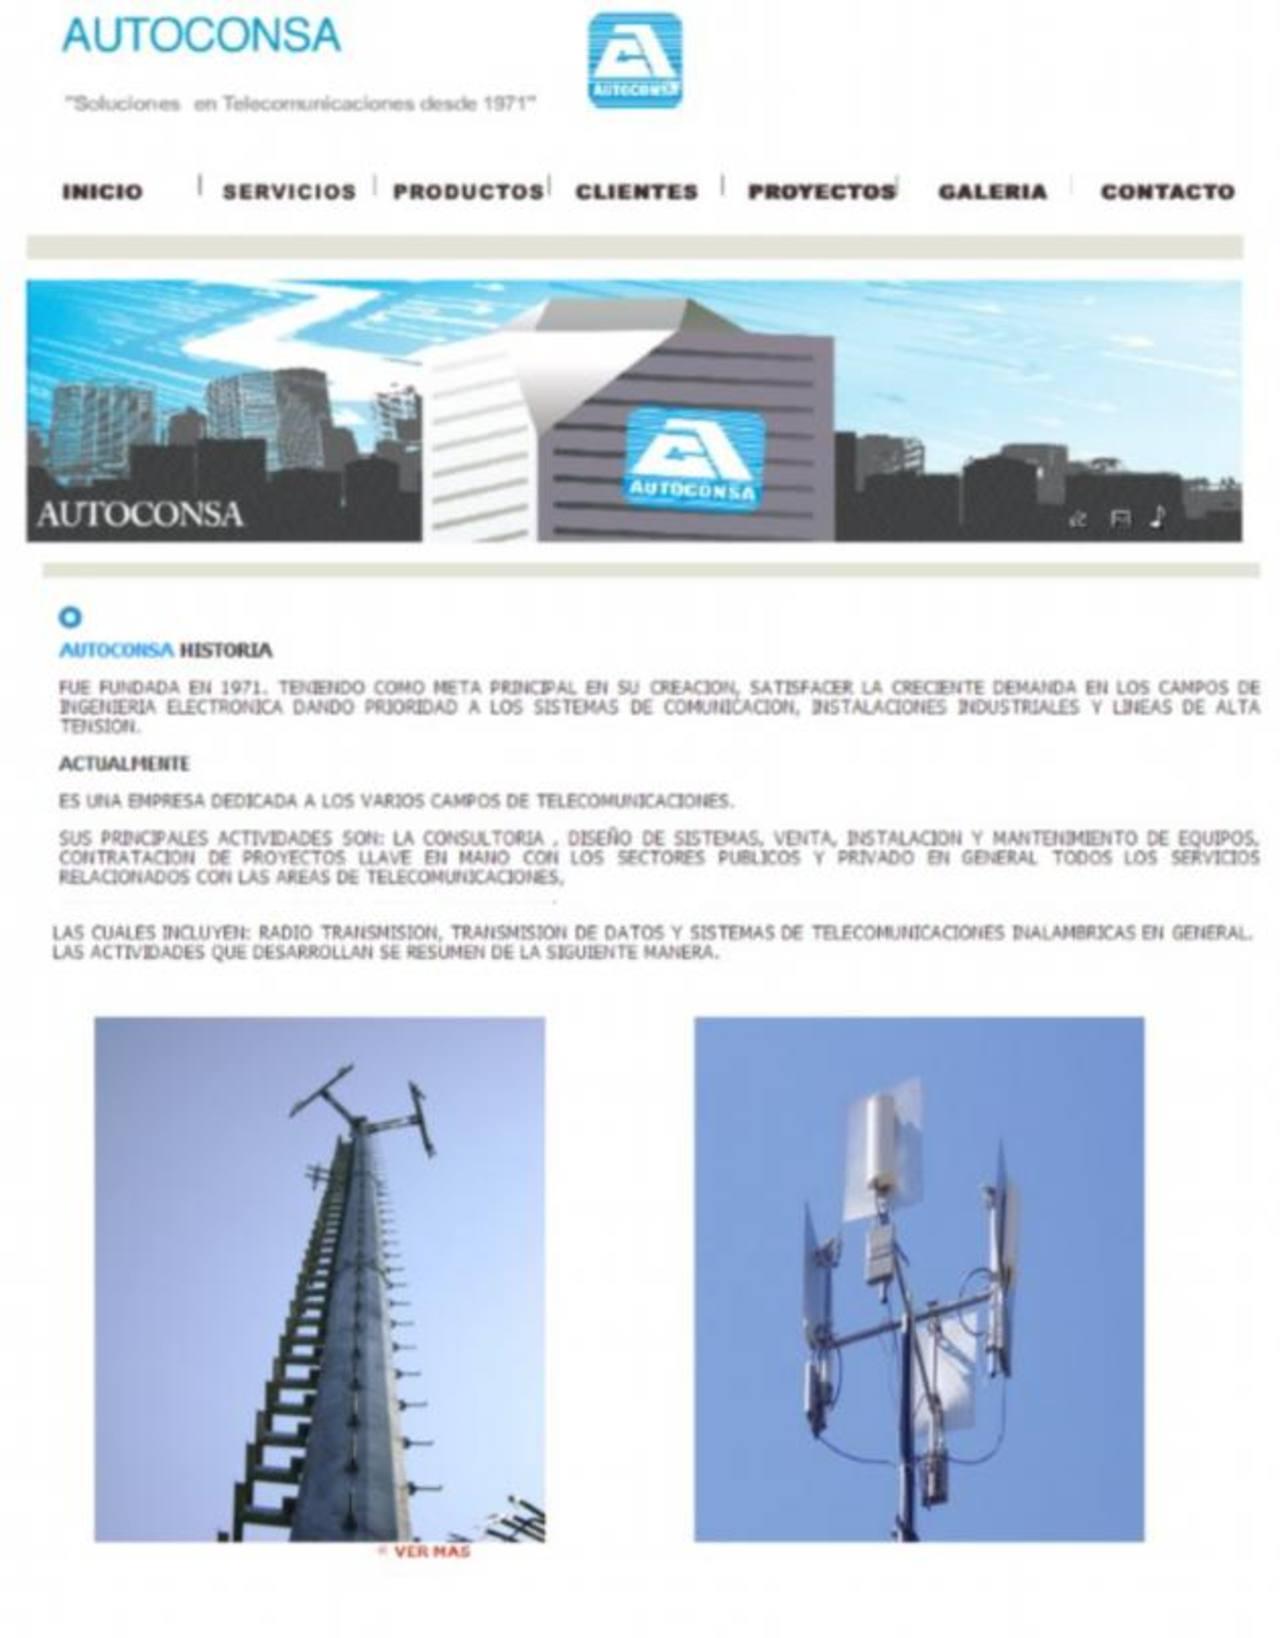 De acuerdo con el sitio de la empresa www.autoconsa.net se dedica a sistemas de comunicación, instalaciones industriales y líneas de alta tensión.